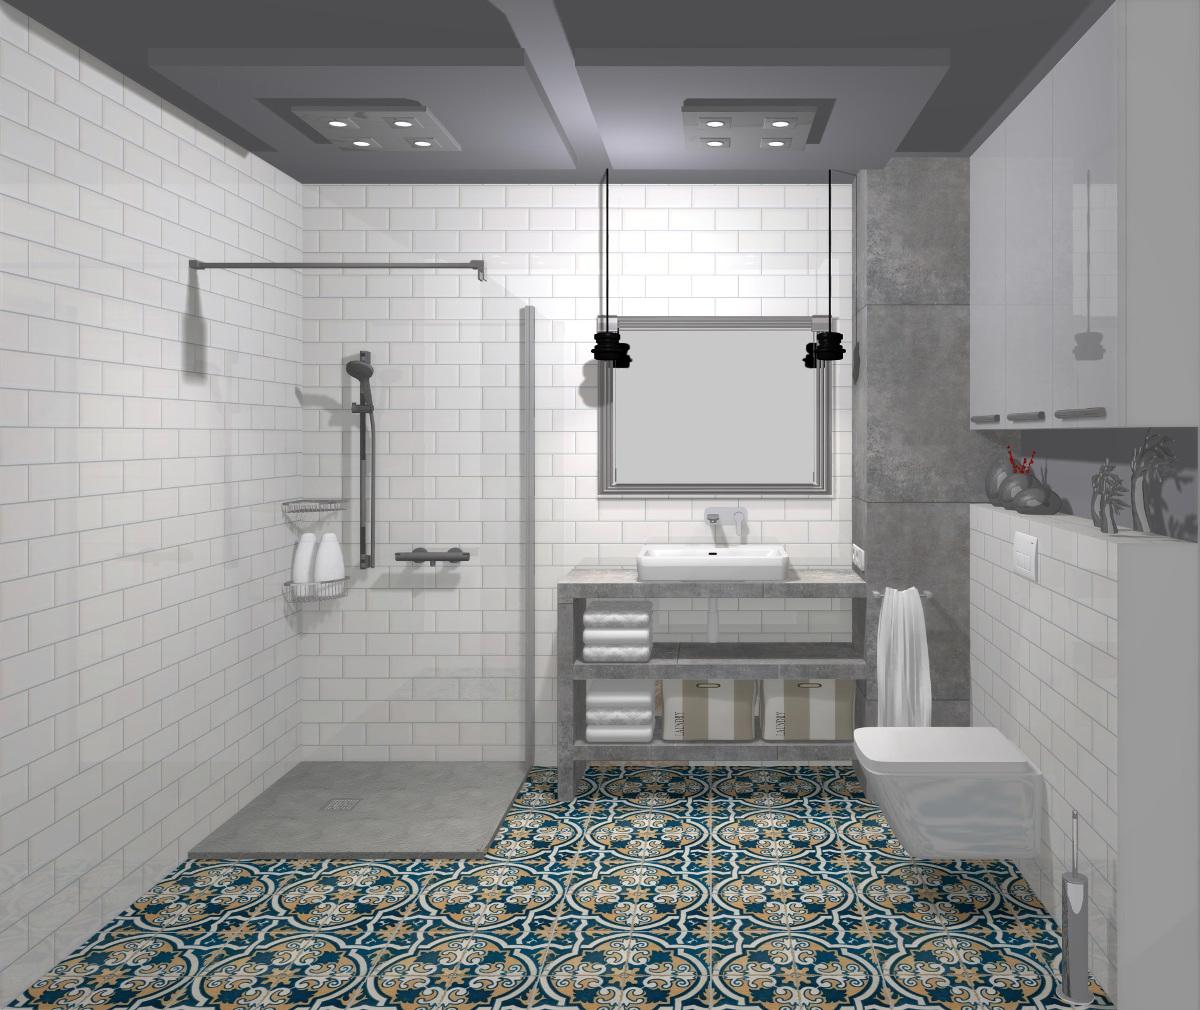 projekt łazienki, wyposażenie łazienki, aranżacja łazienki, cementowe płytki, nasycone barwy